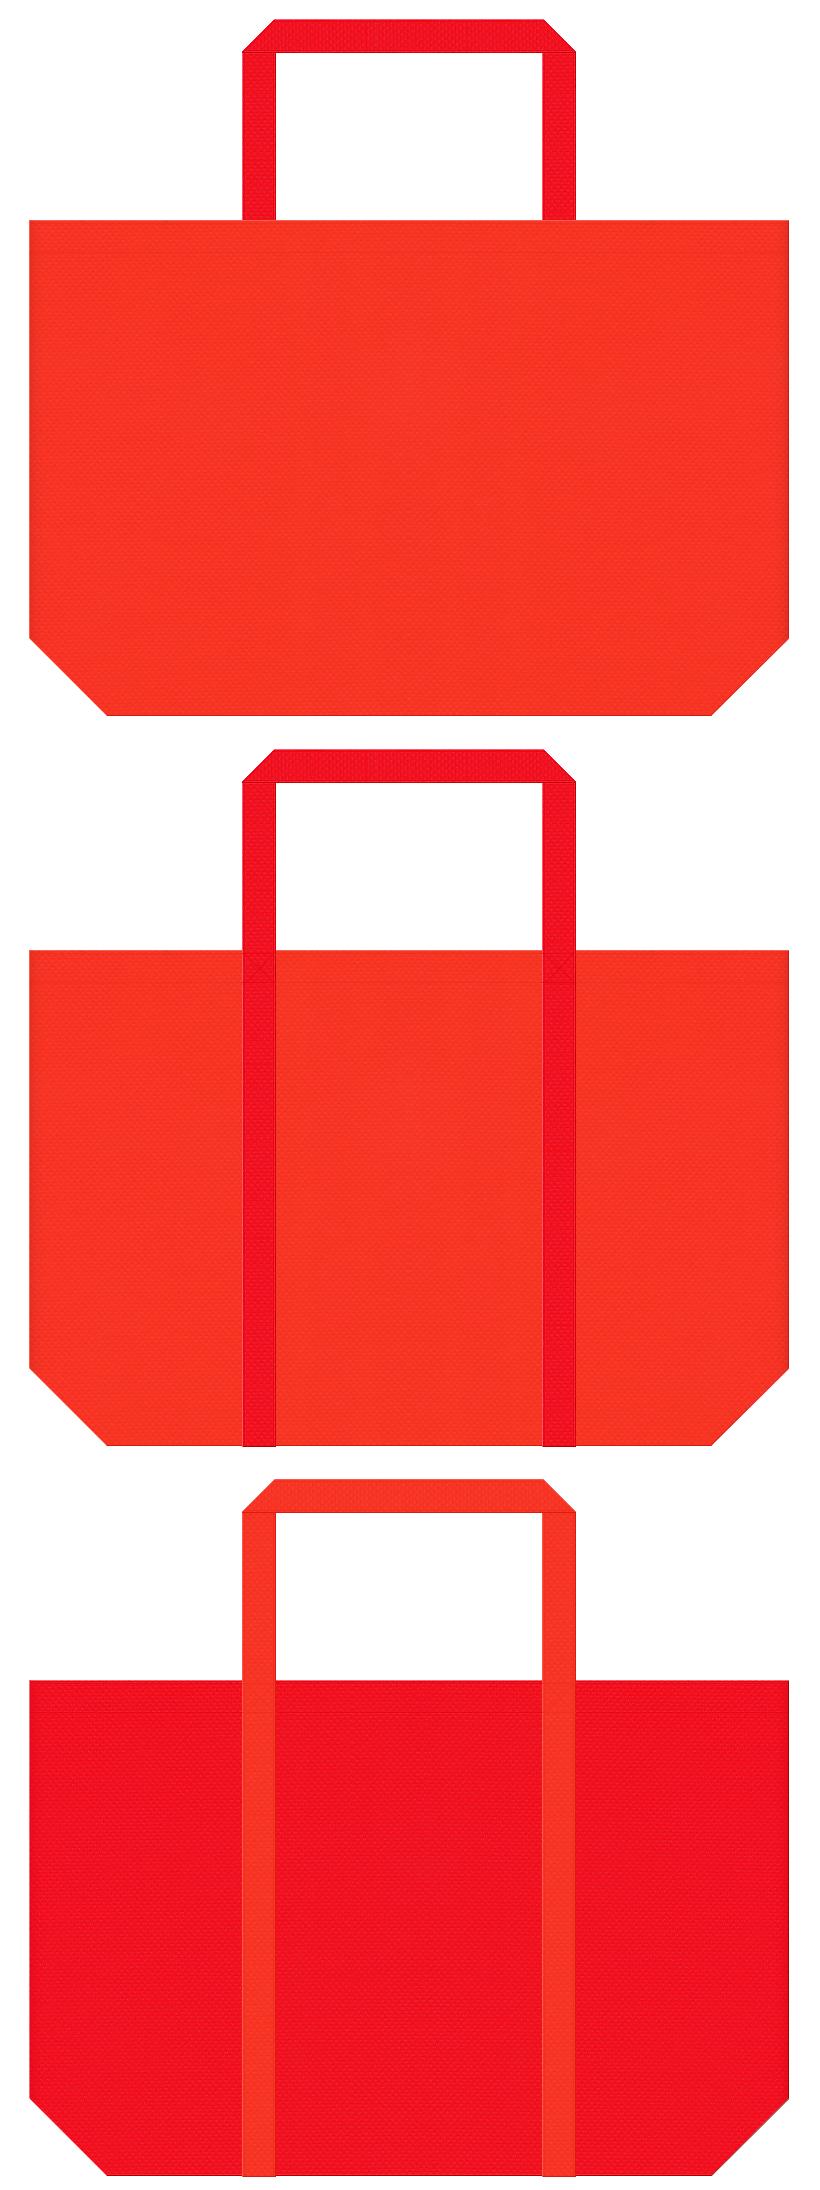 サプリメント・太陽・エネルギー・暖房器具・スポーツ・キャンプ・バーベキュー・アウトドア・紅葉名所・観光旅行のノベルティ・オータムセールのショッピングバッグにお奨めの不織布バッグデザイン:オレンジ色と赤色のコーデ